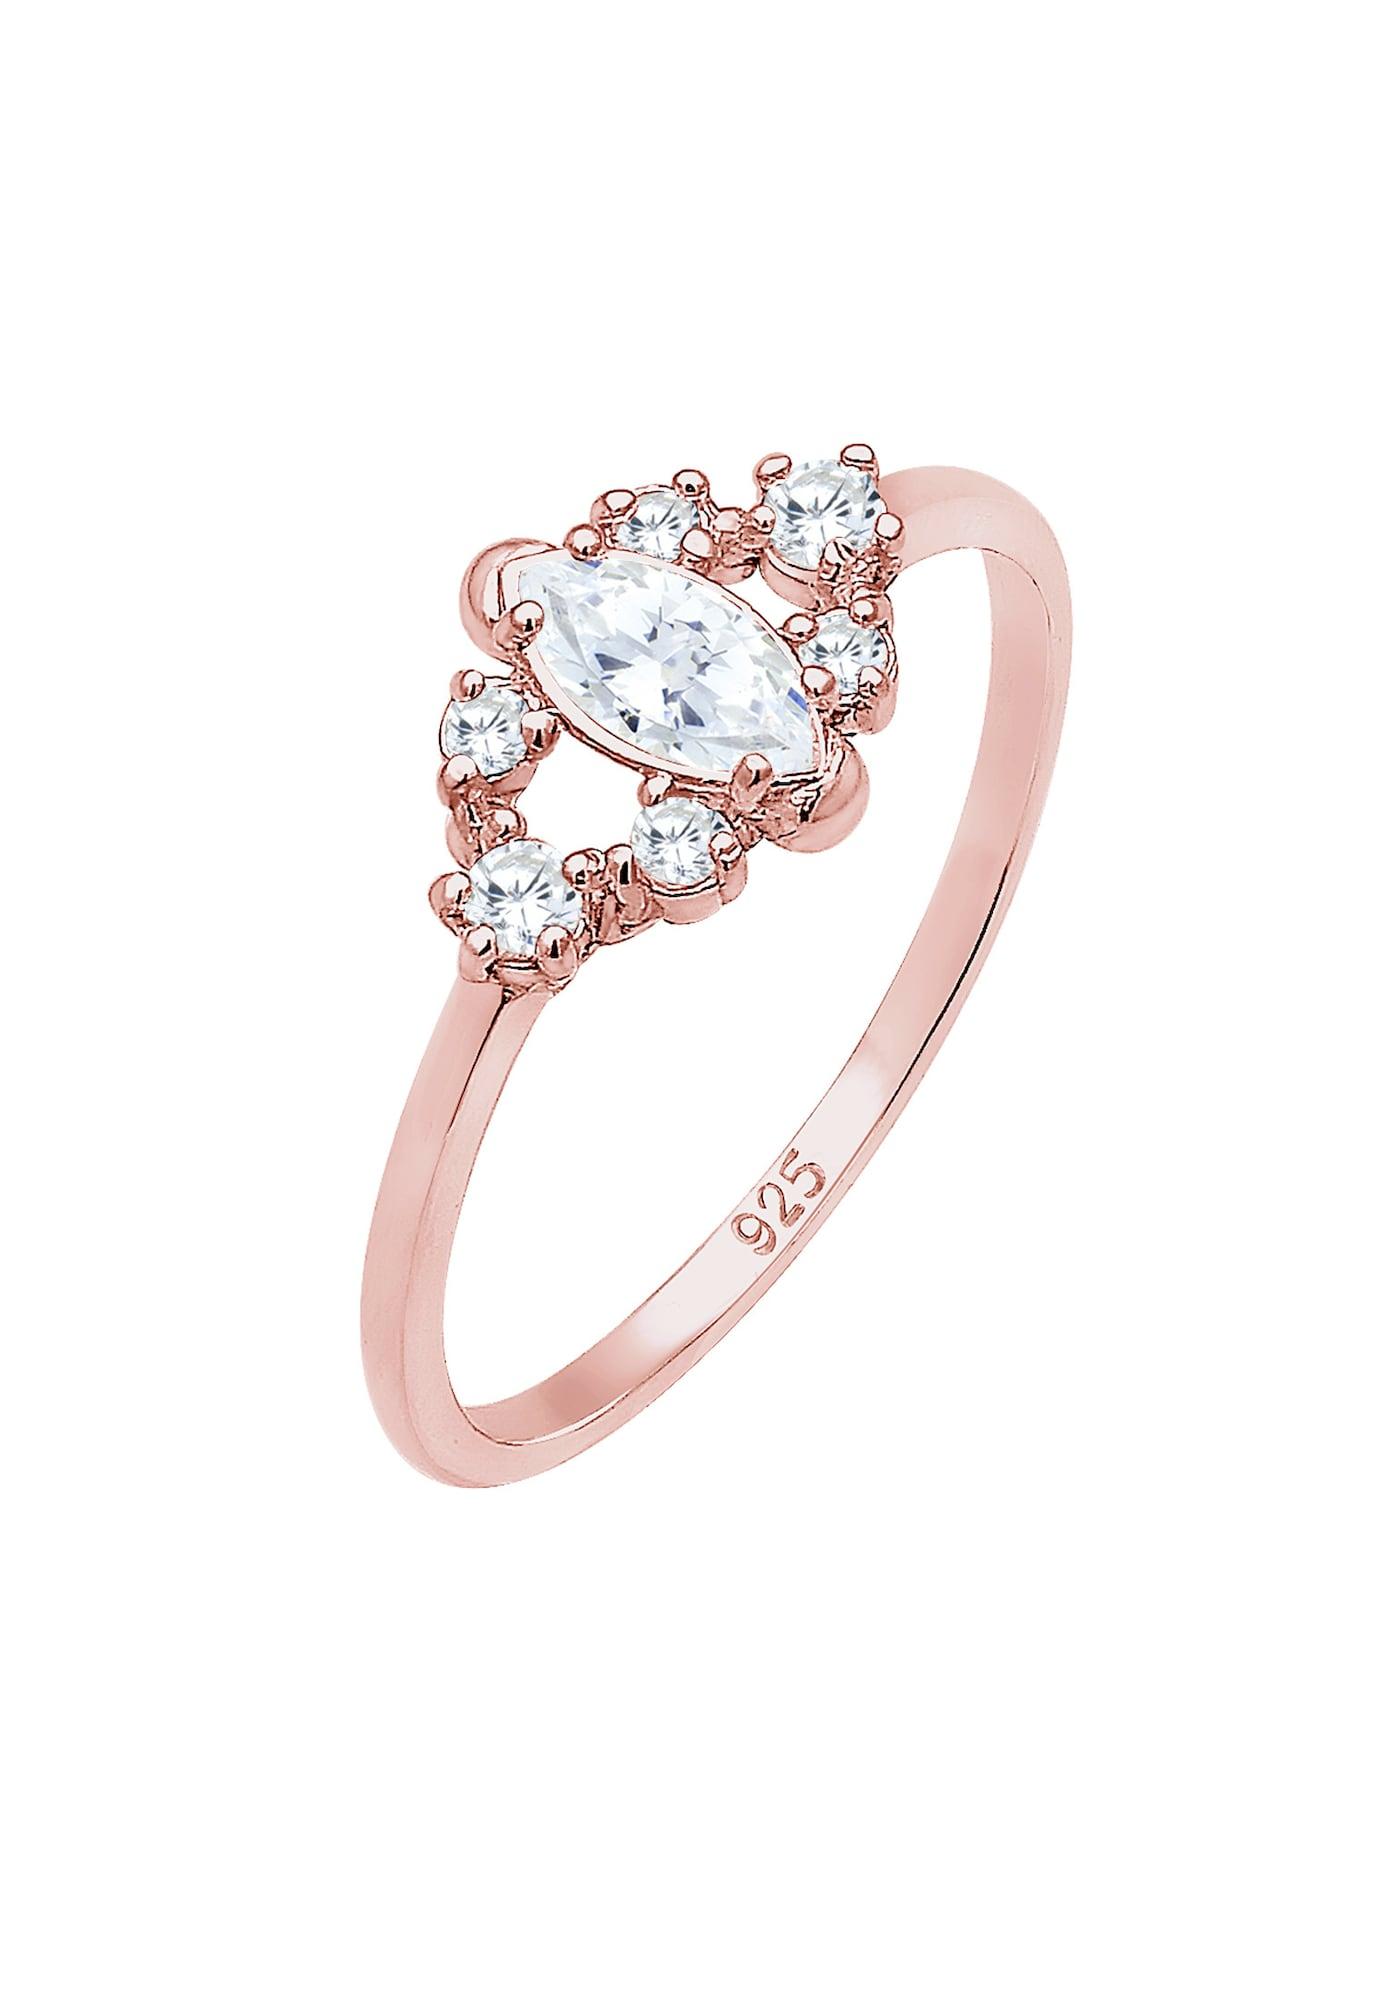 Verlobungsring | Schmuck > Ringe > Verlobungsringe | Weiß | ELLI